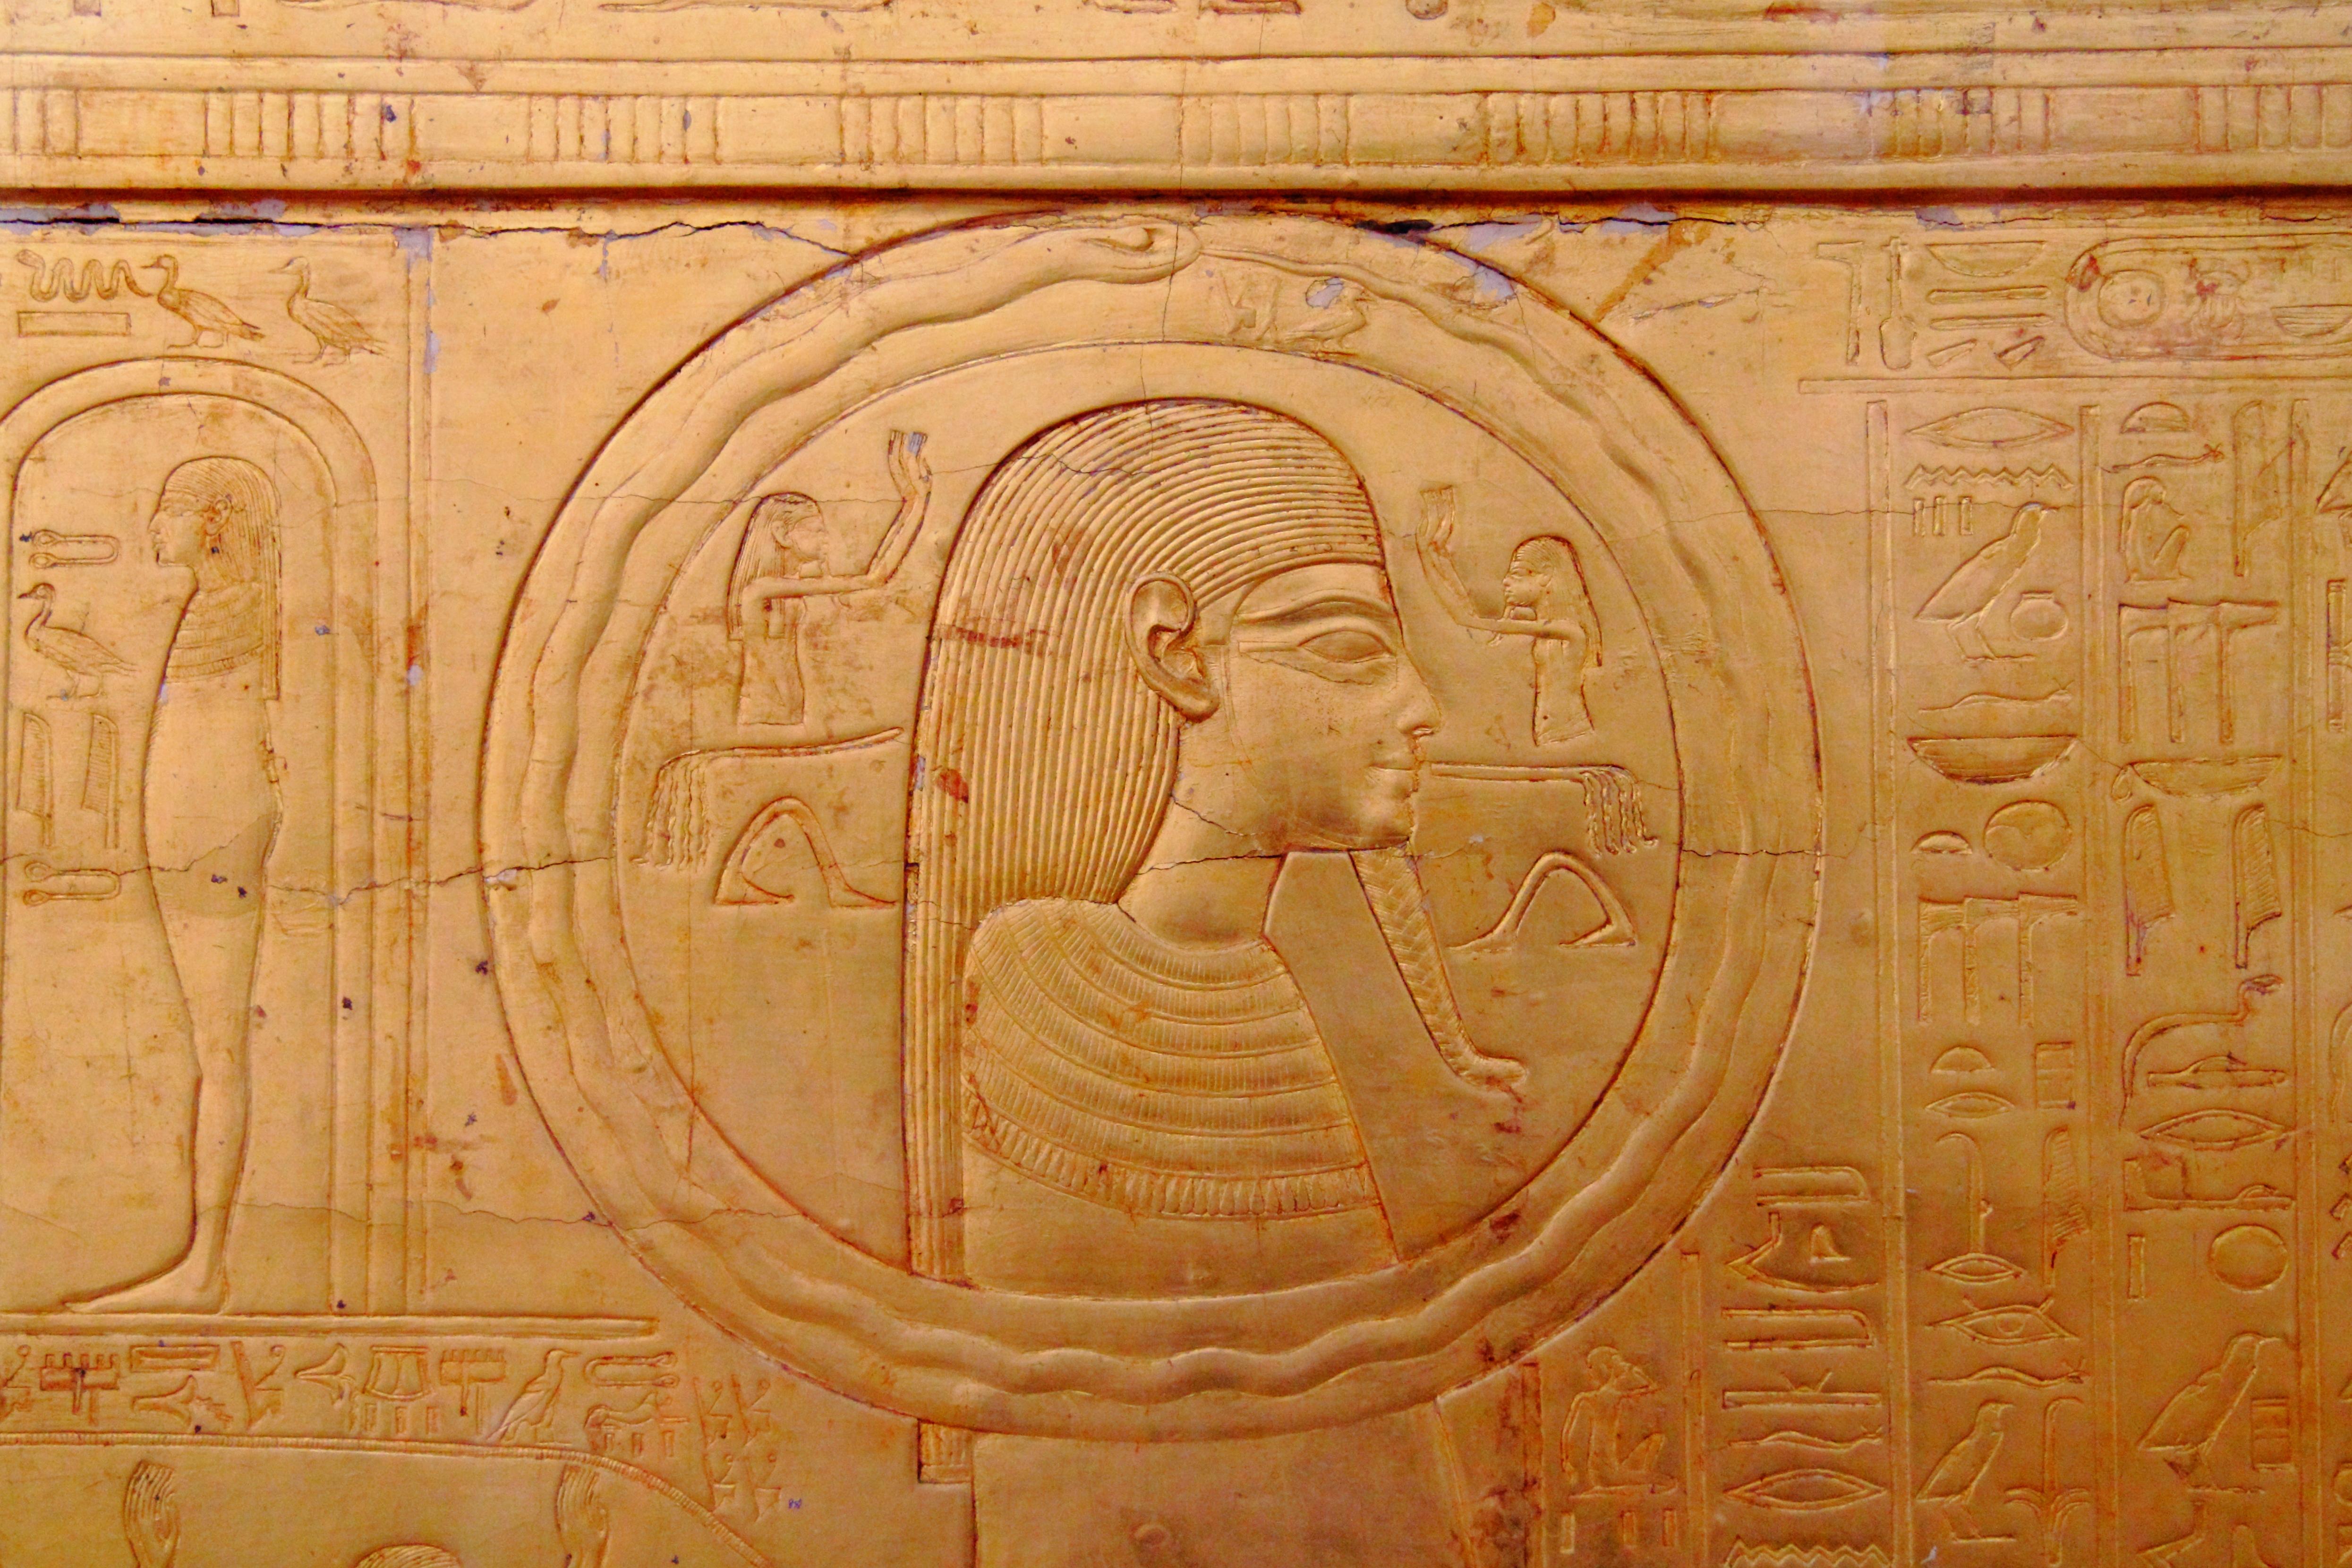 gyptisches_Museum_Kairo_2016-03-29_Tutanchamun_Grabschatz_09.jpg